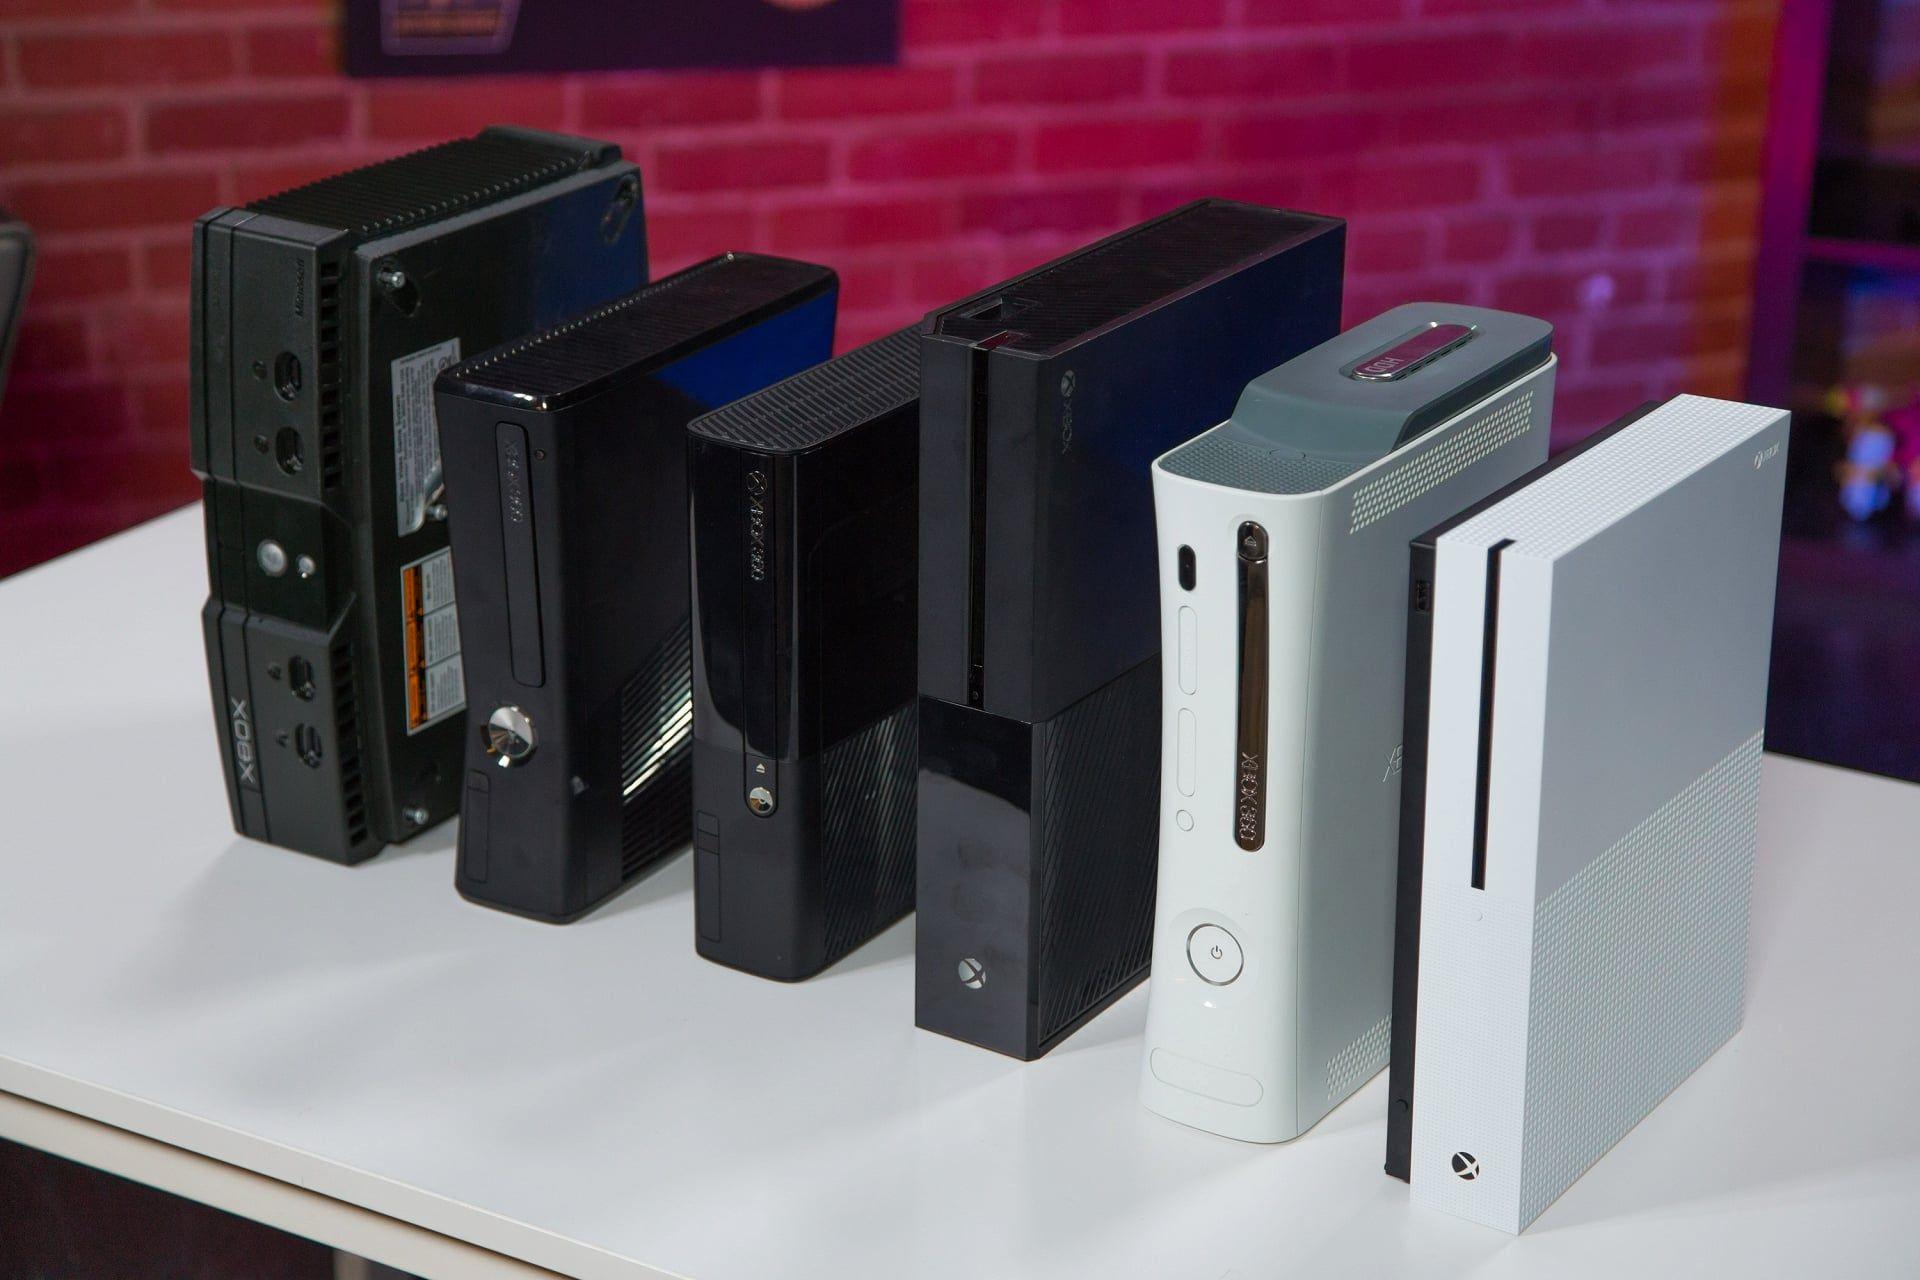 Xbox 360 Console Com Imagens Jogos De Xbox 360 Xbox 360 Jogos